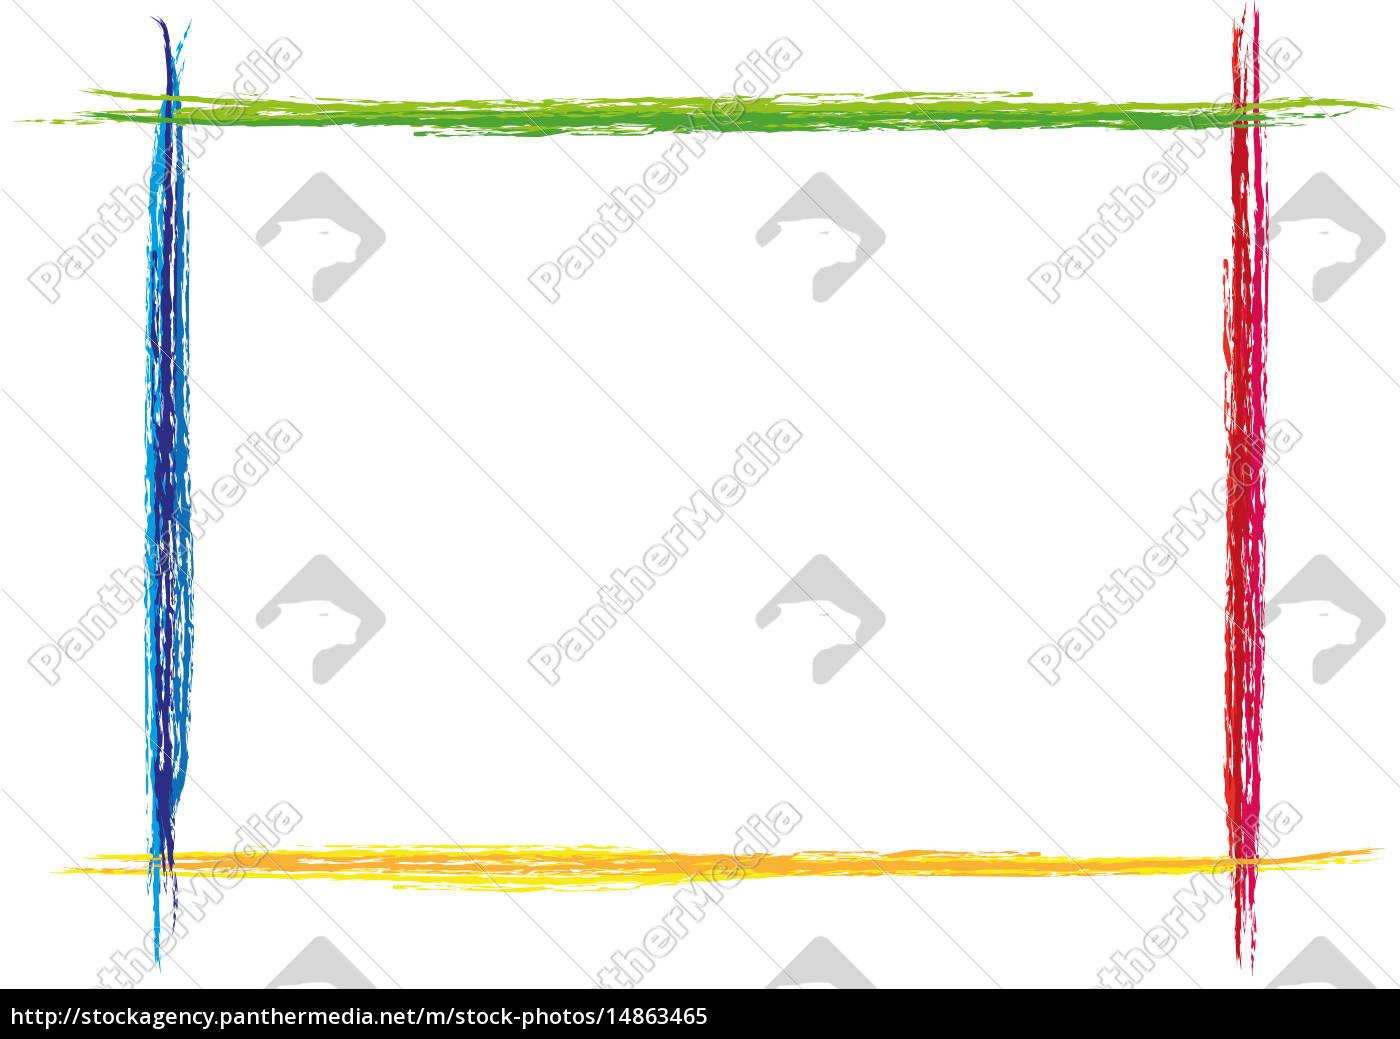 bunter Rahmen quer Strich gemalt - Lizenzfreies Bild - #14863465 ...